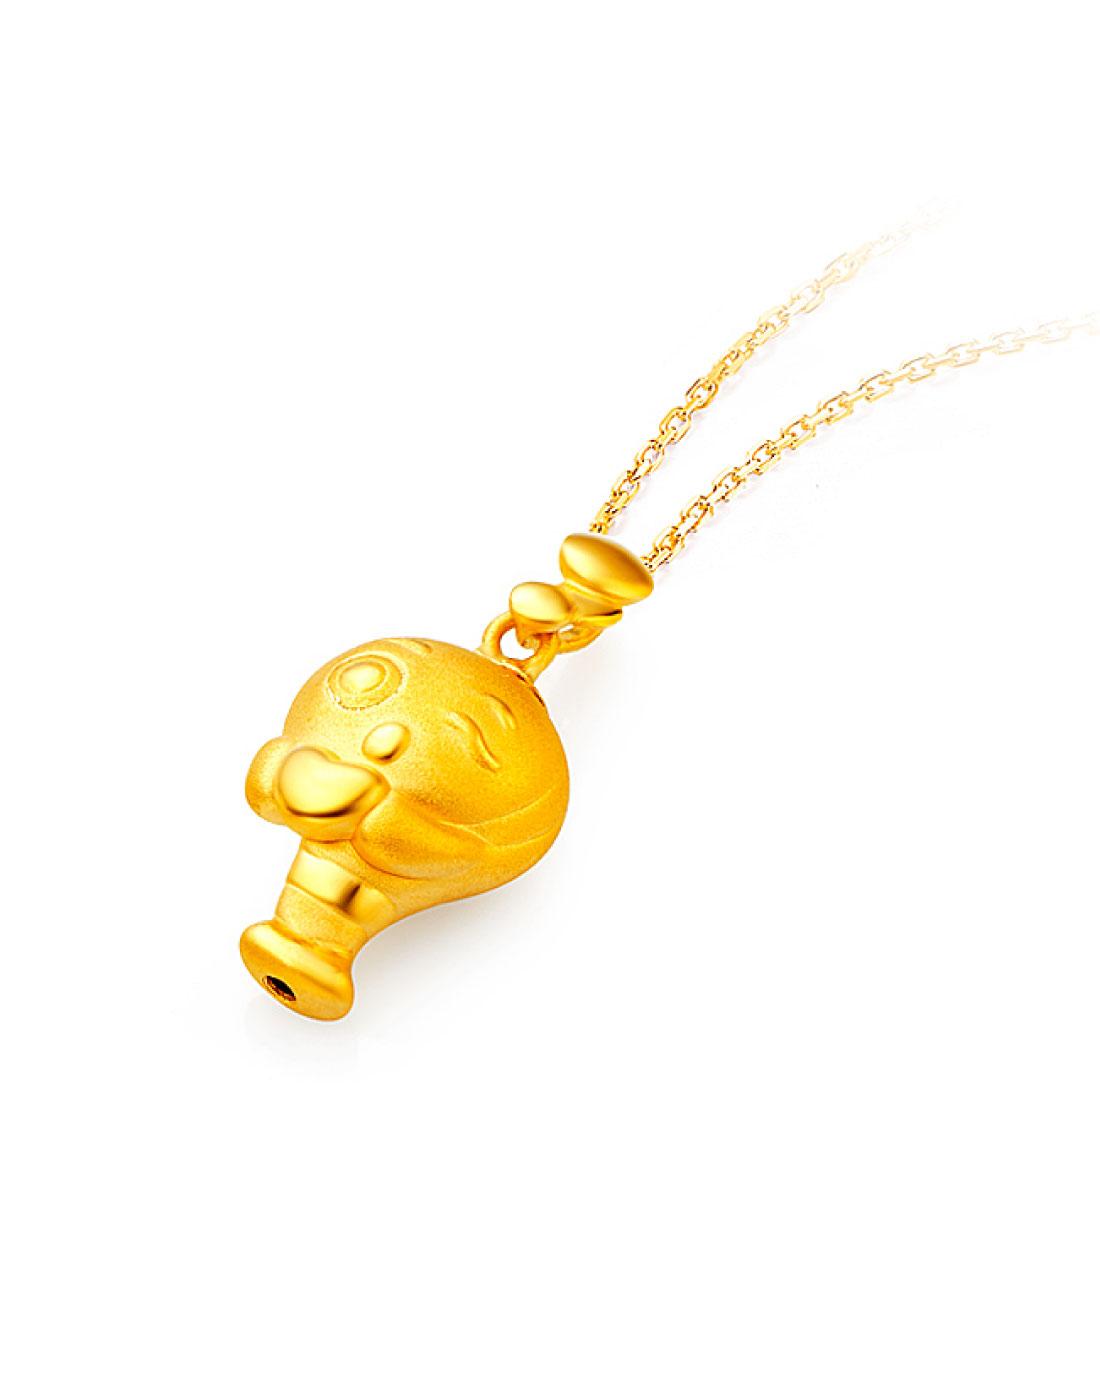 可爱小鱼黄金吊坠